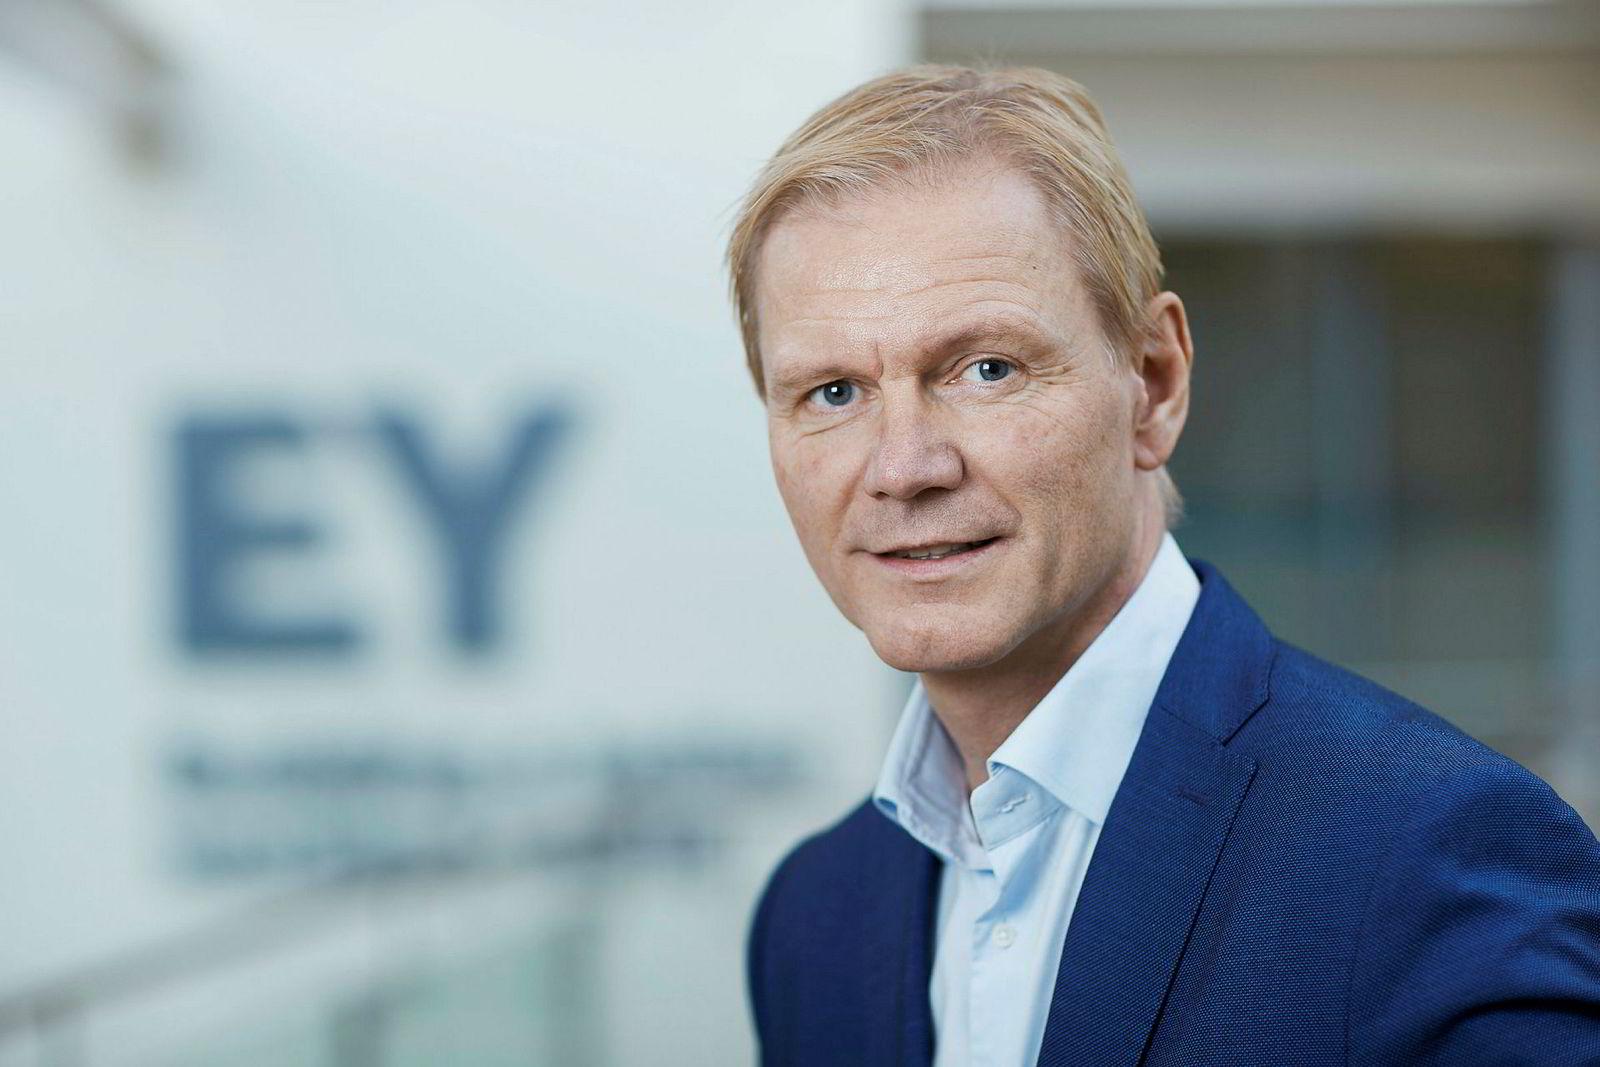 – Skyes ressurser utfyller vår kompetanse, sier partner Stig Thorgersen i EY